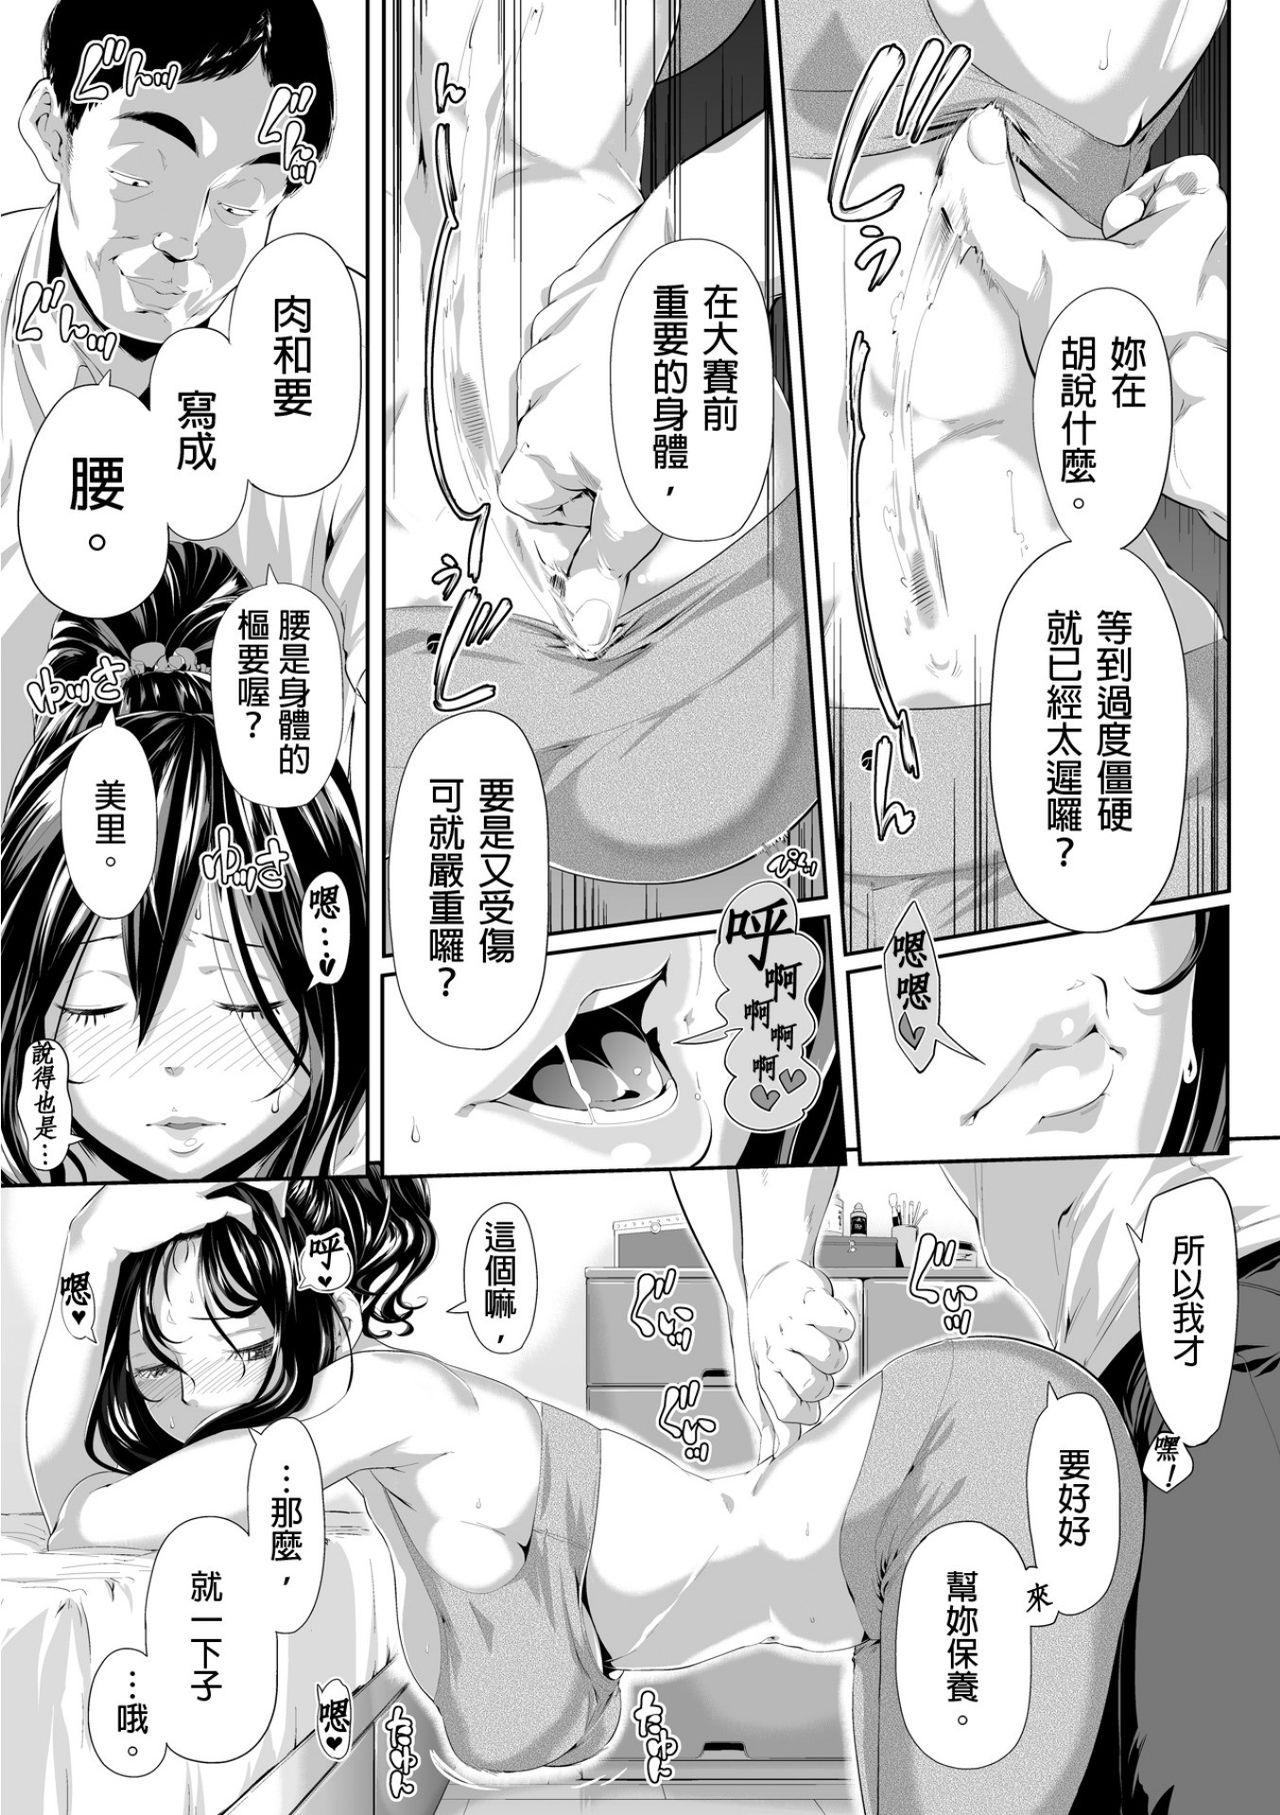 [Qunami Himehiko, Akahige] Gifu no Nurunuru Massage ~Musume no Kori o Asa kara Kurikuri~   義父的濕答答按摩~一早幫忙女兒放鬆肌肉~ Ch. 6 [Chinese] 3